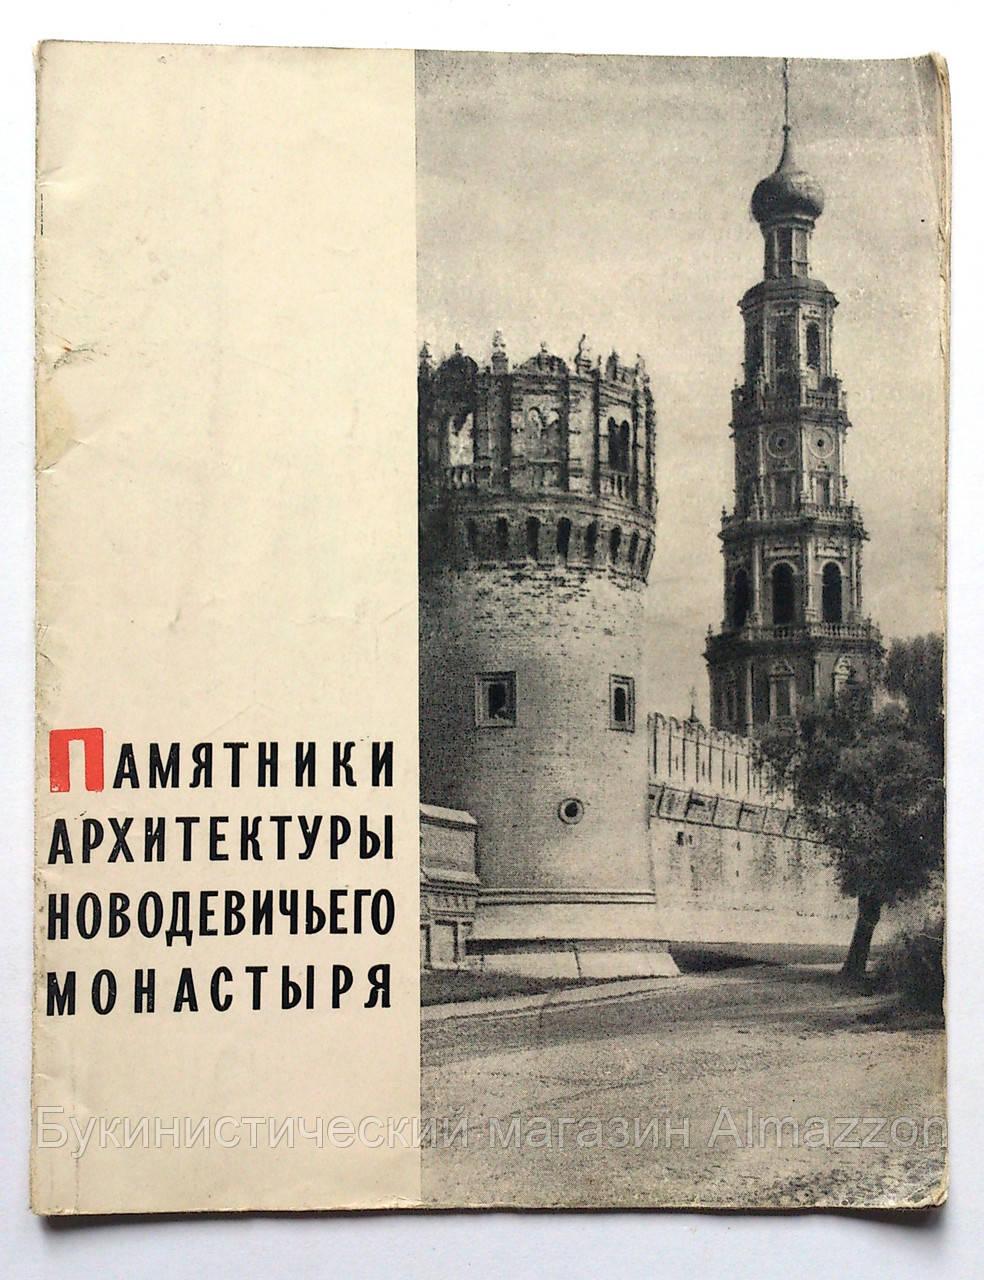 Памятники архитектуры Новодевичьего монастыря. 1965 год